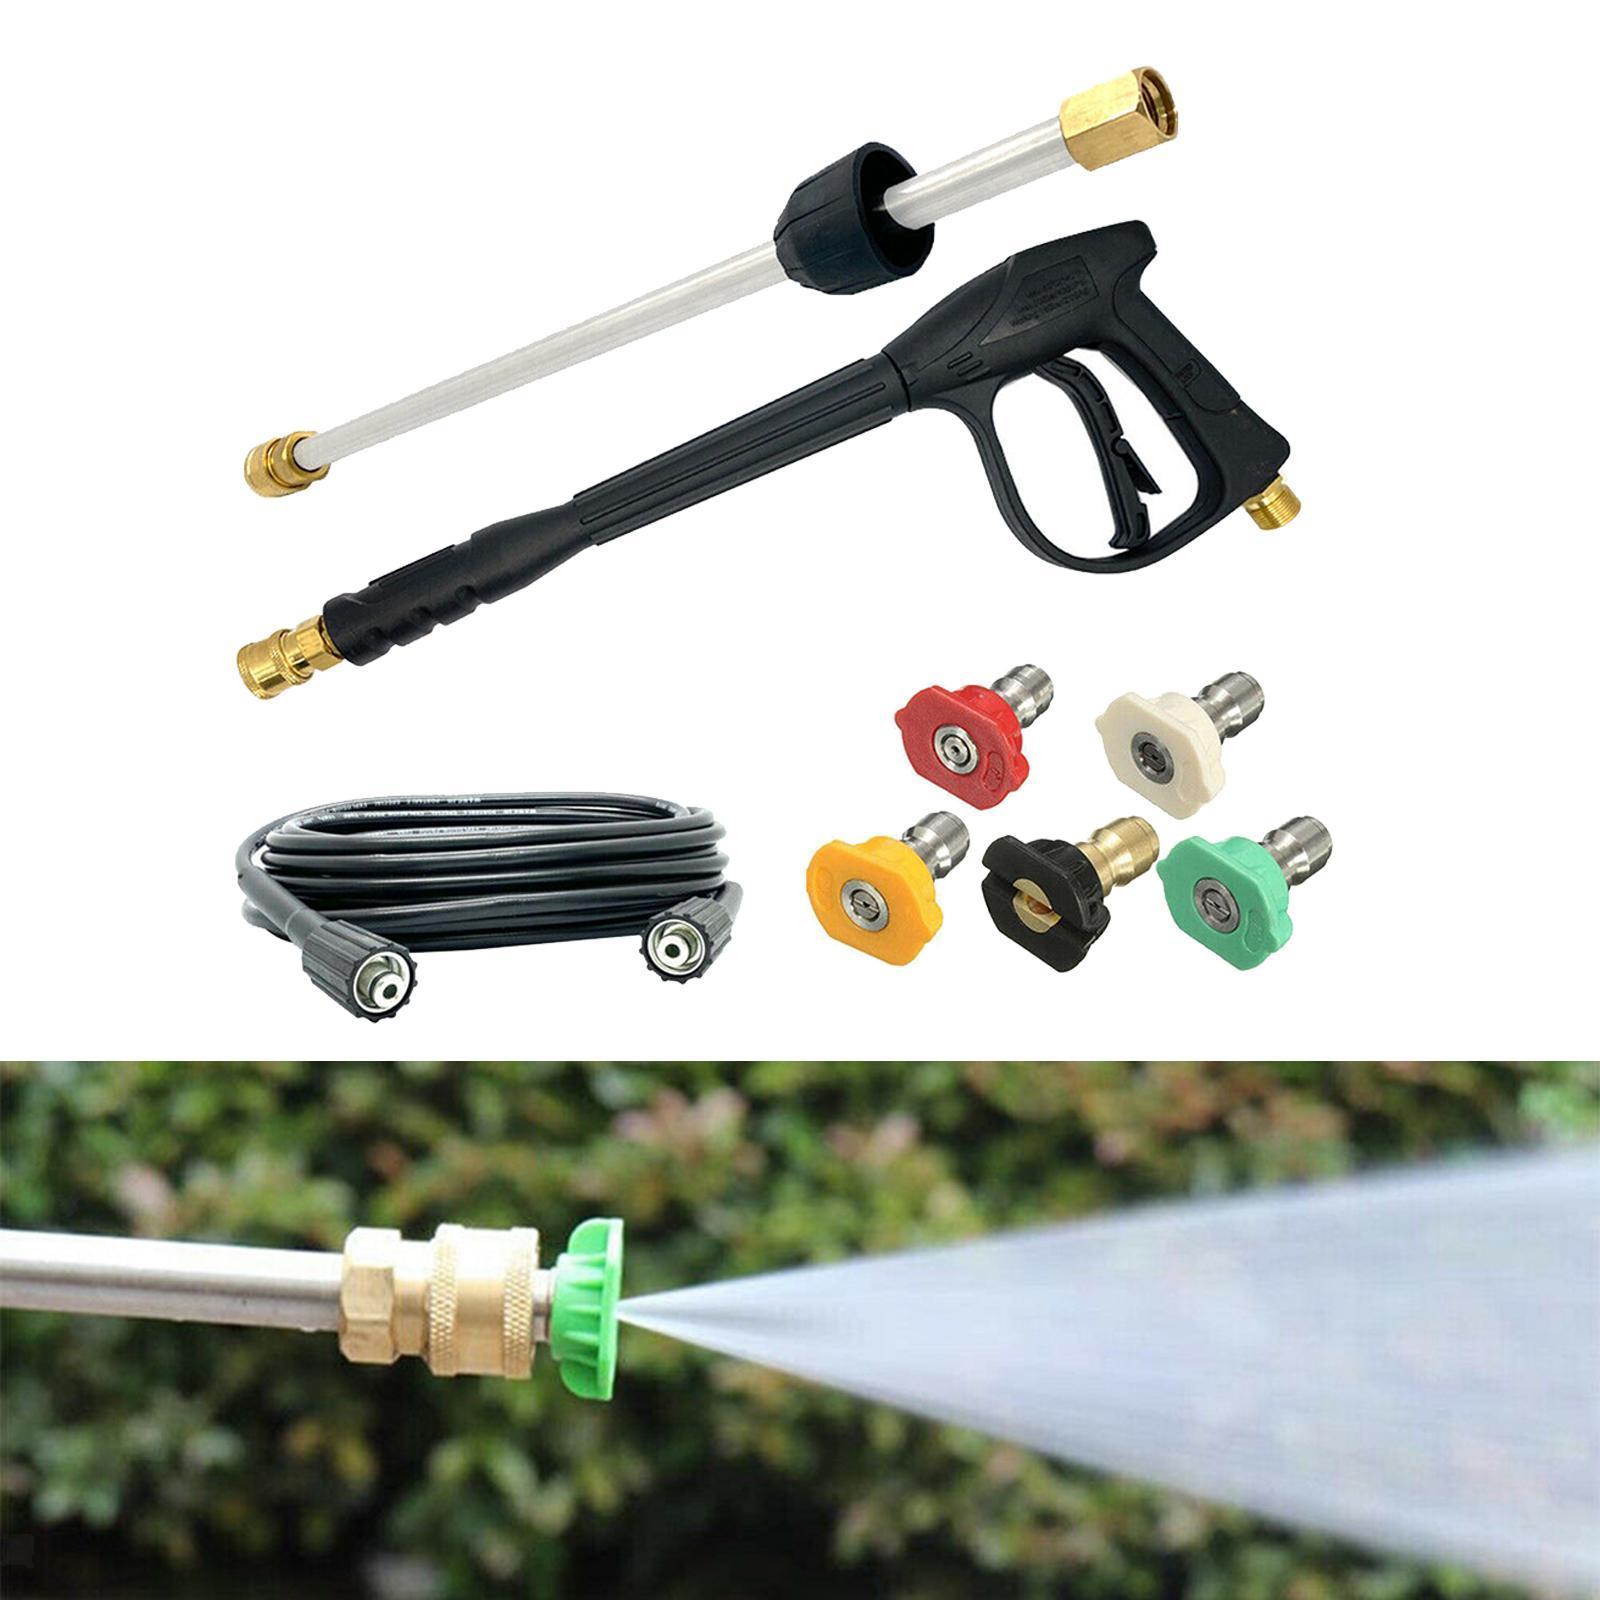 Indexbild 31 - Hochdruckreiniger Pistole Düse Zubehör Ersatzteile Teile Hochdruckpistole